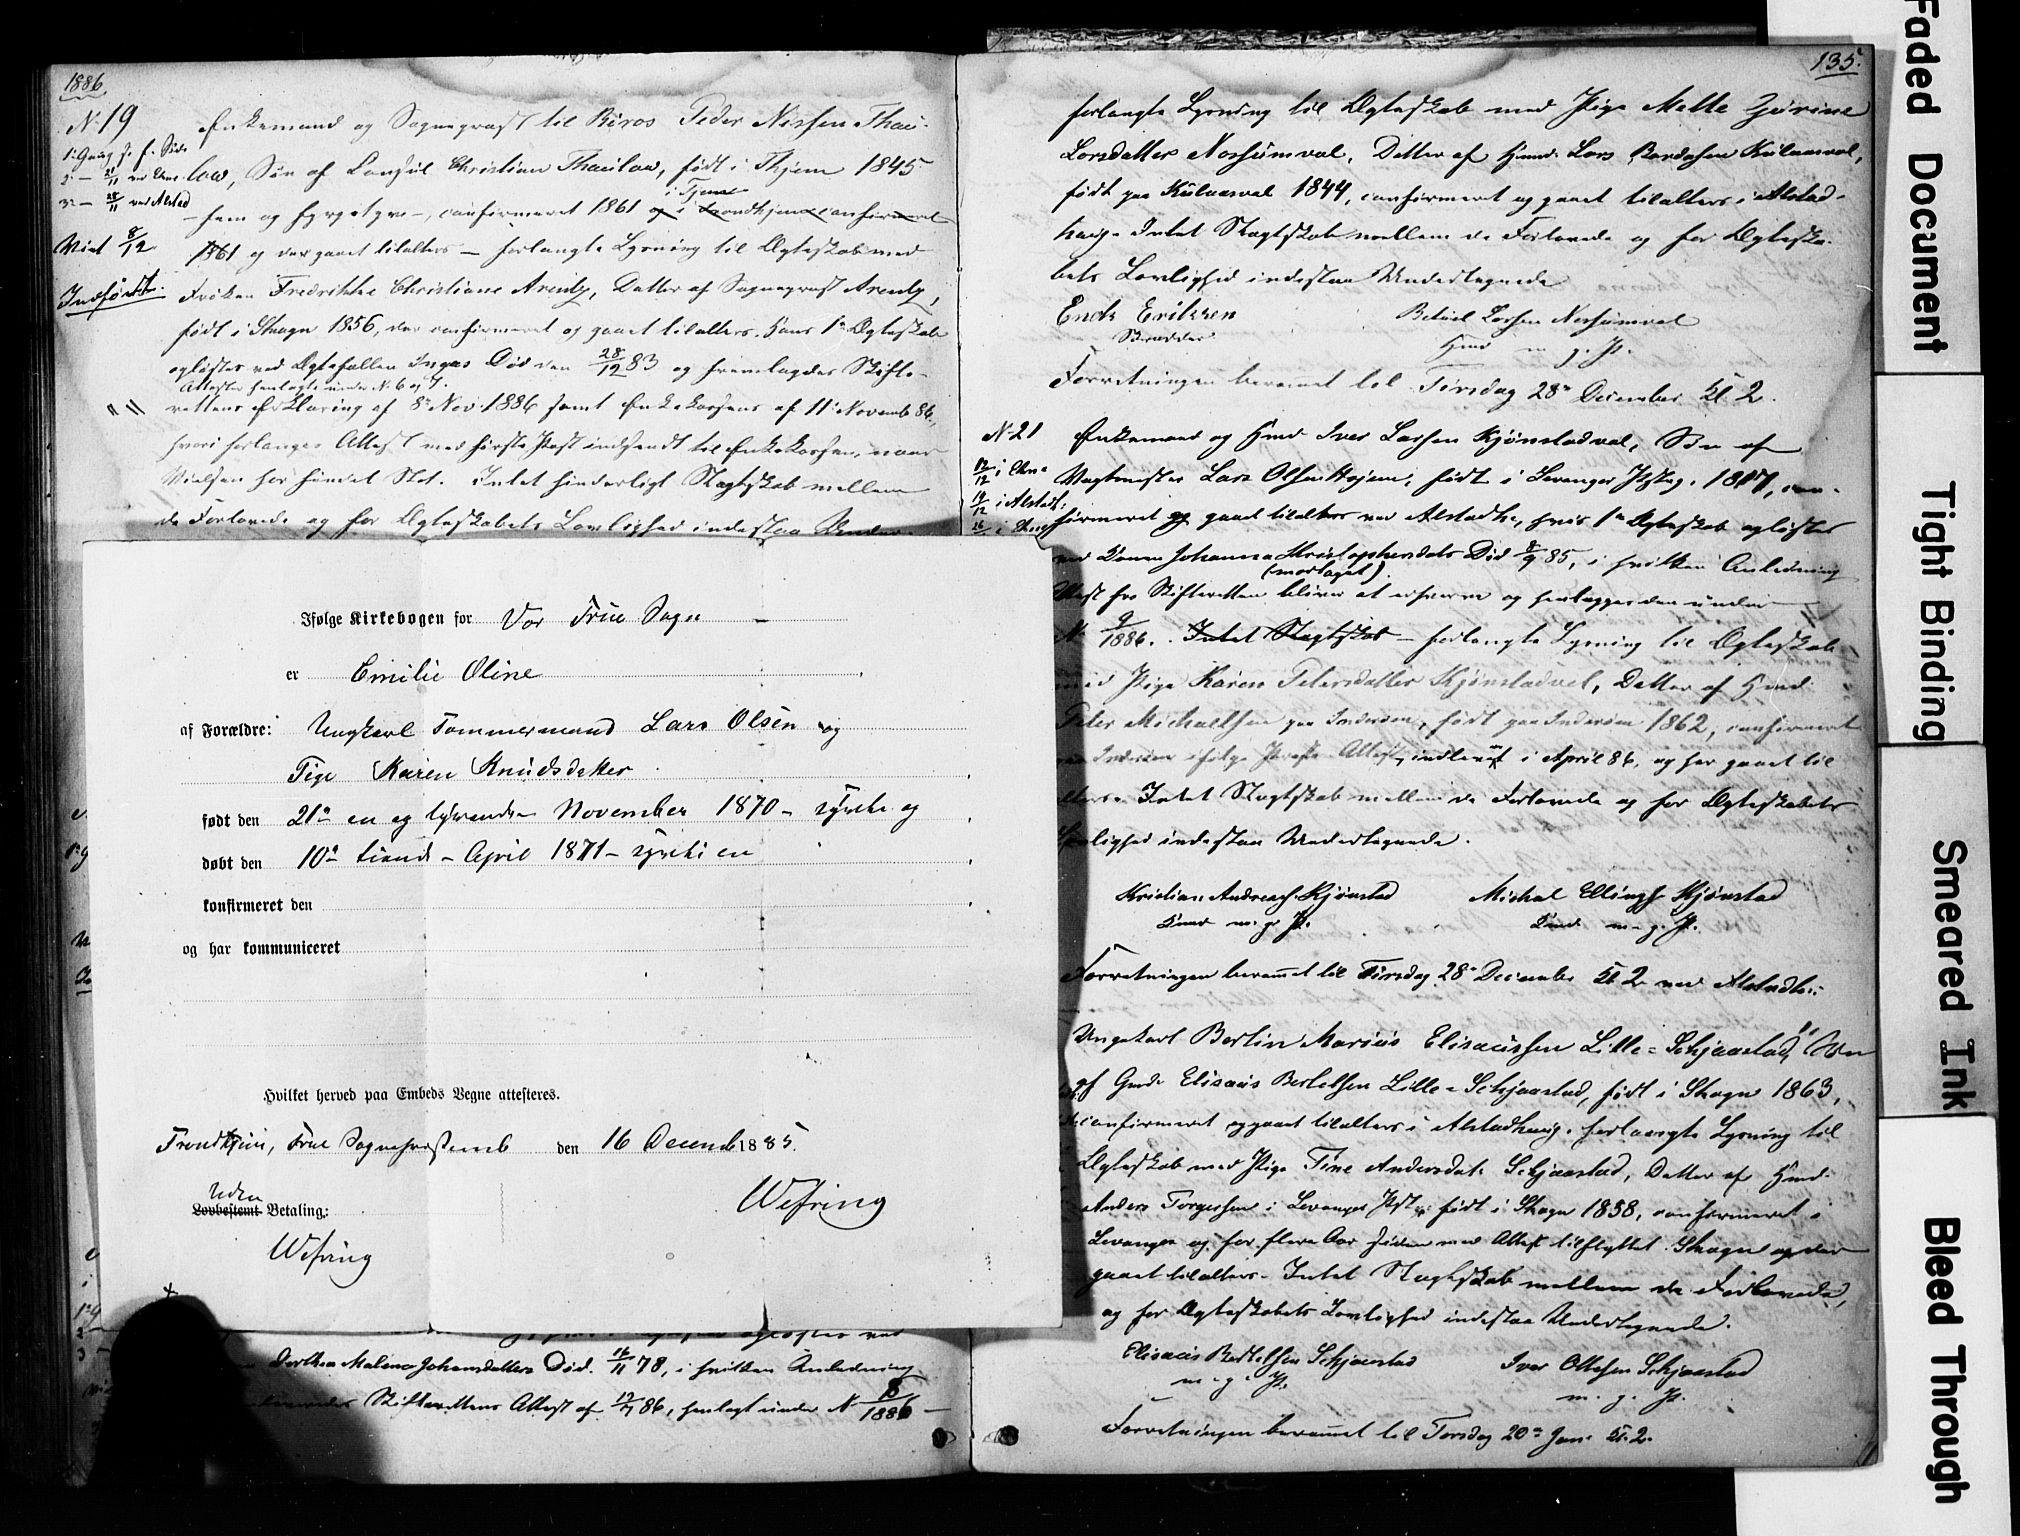 SAT, Ministerialprotokoller, klokkerbøker og fødselsregistre - Nord-Trøndelag, 717/L0161: Forlovererklæringer nr. 717A11, 1850-1895, s. 135